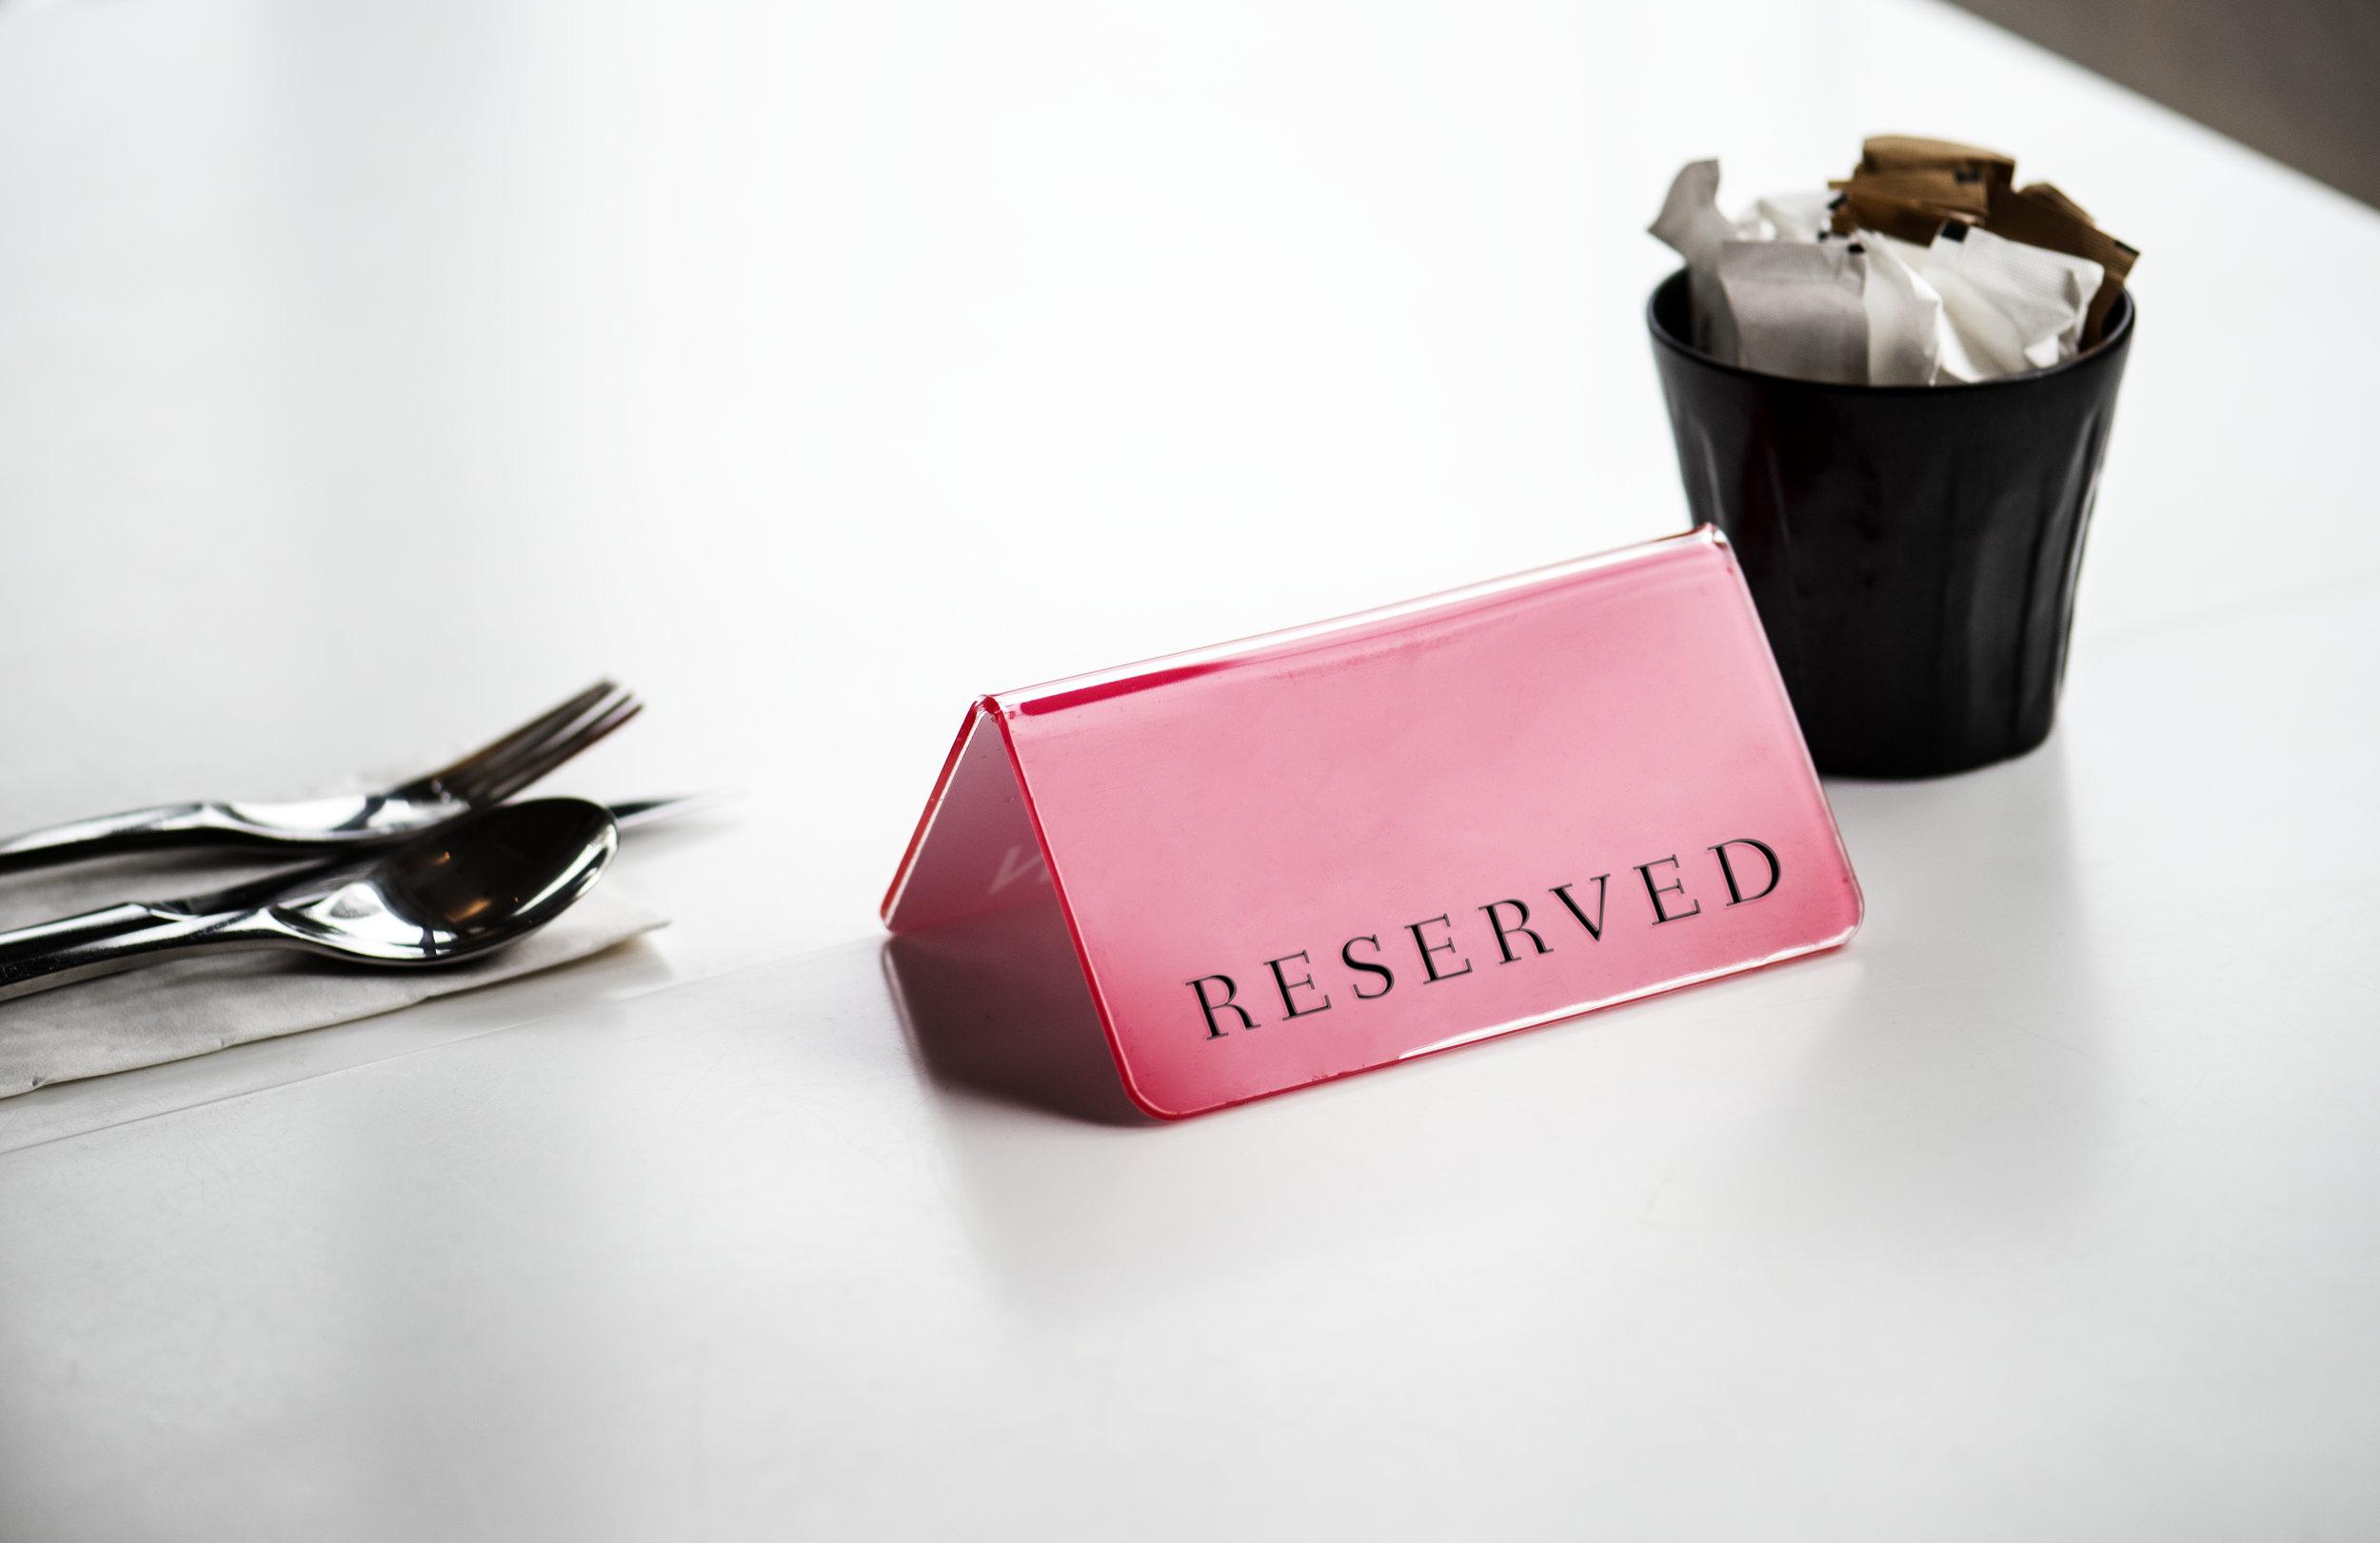 reservation.jpeg